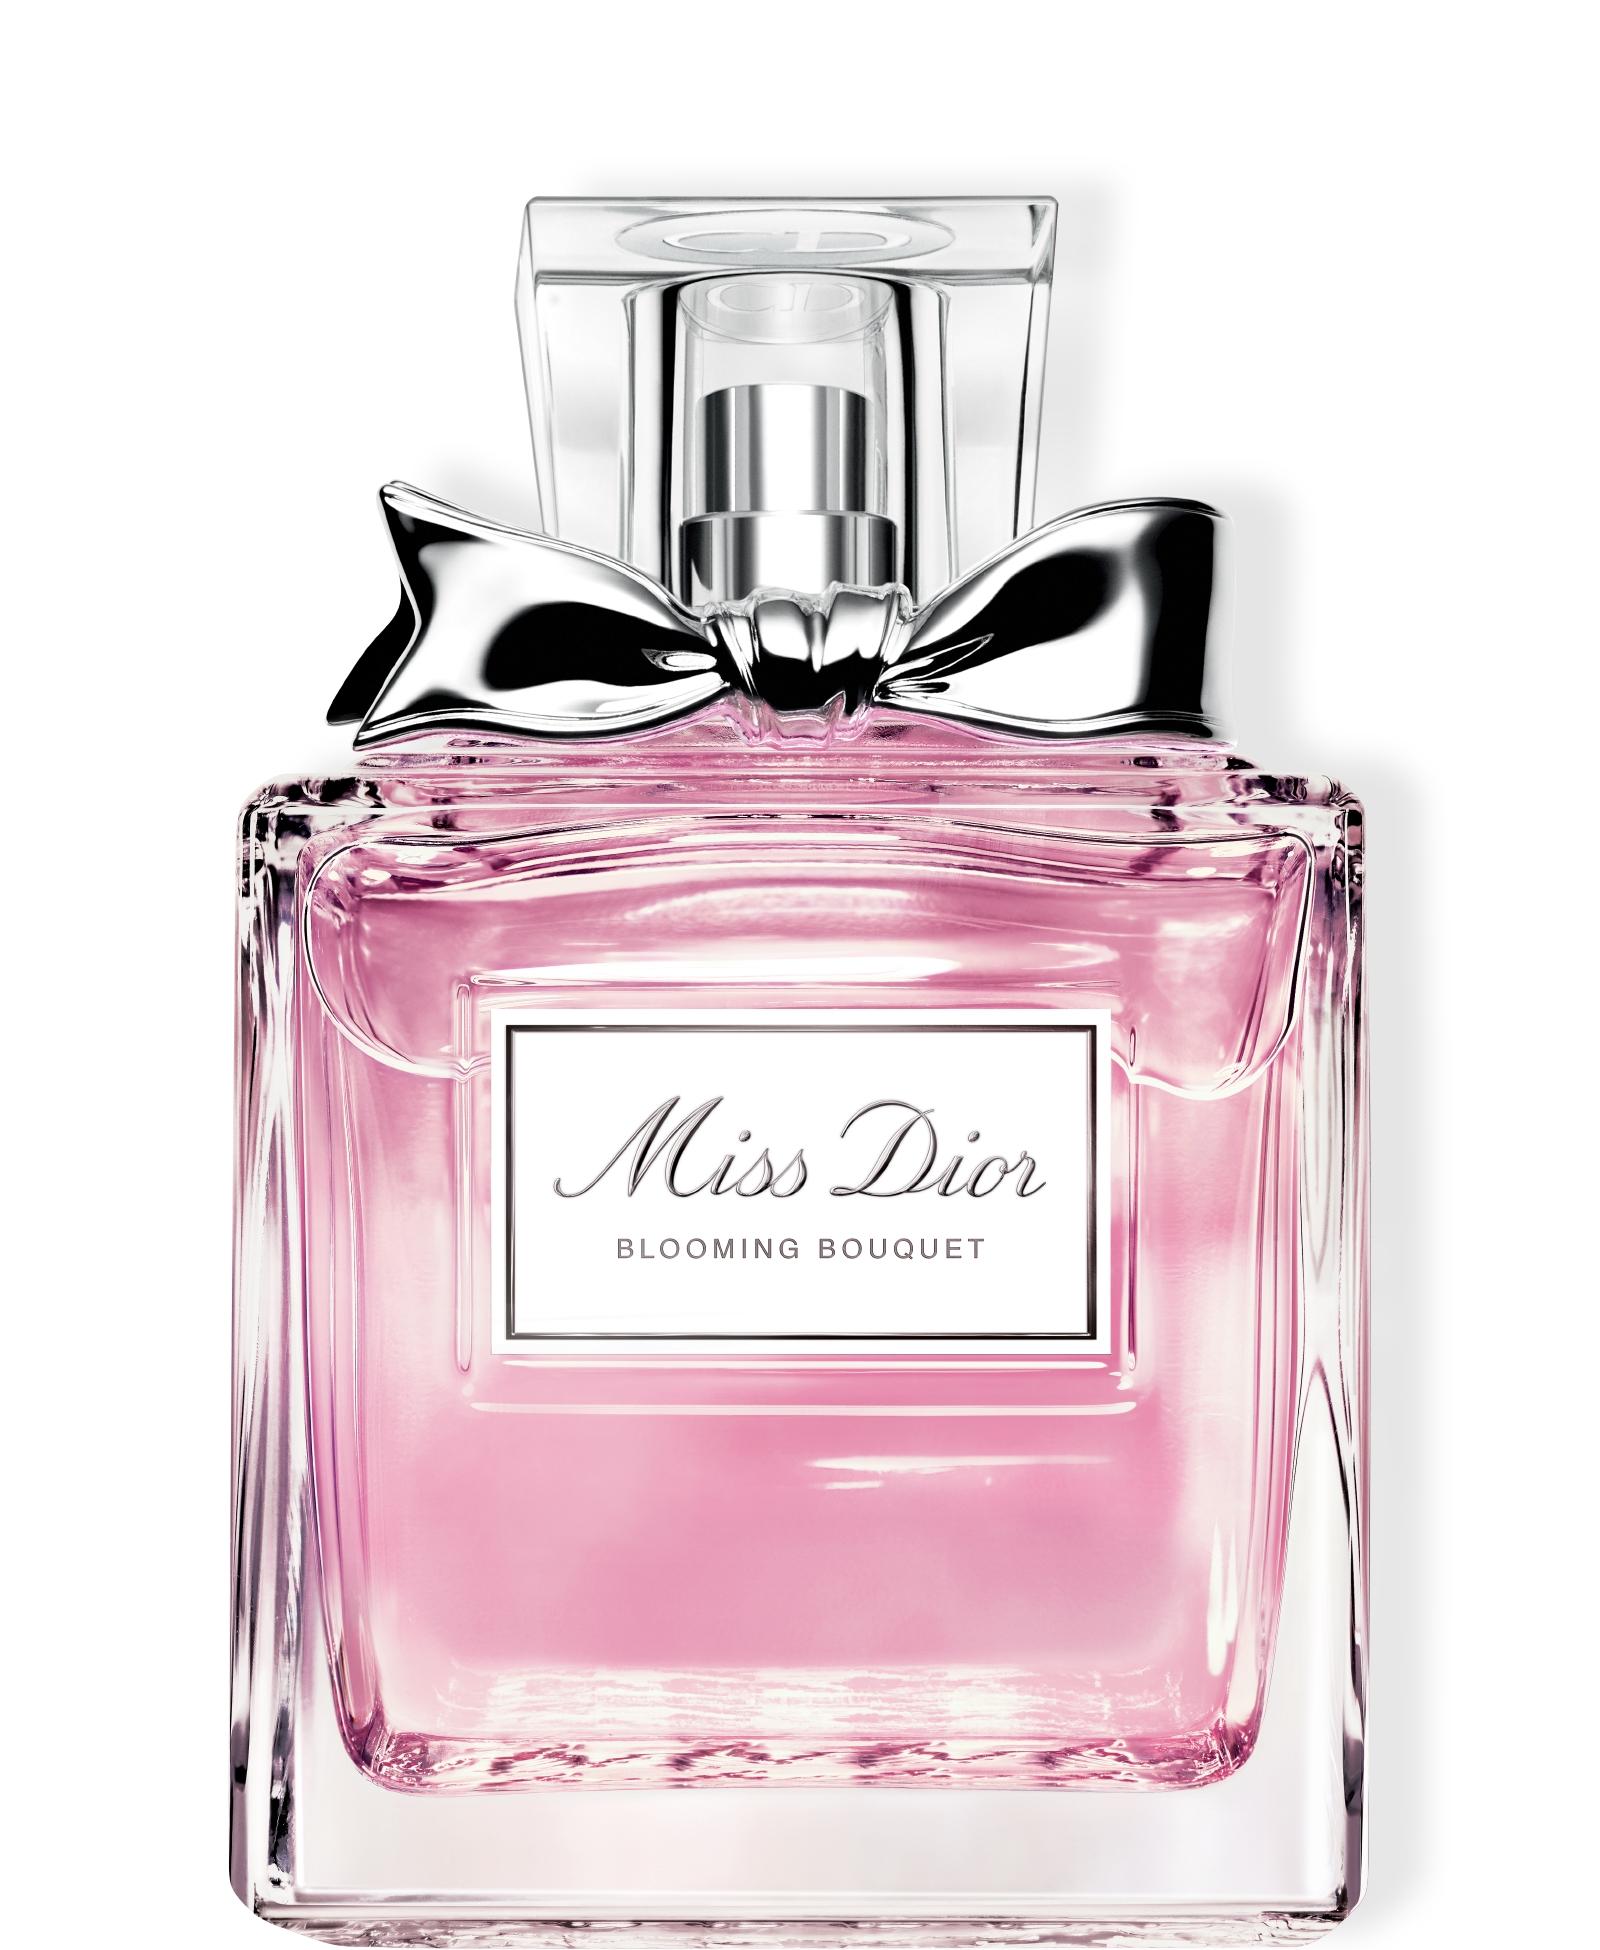 DIOR Miss Dior Blooming Bouquet Eau de Toilette, 100 ml